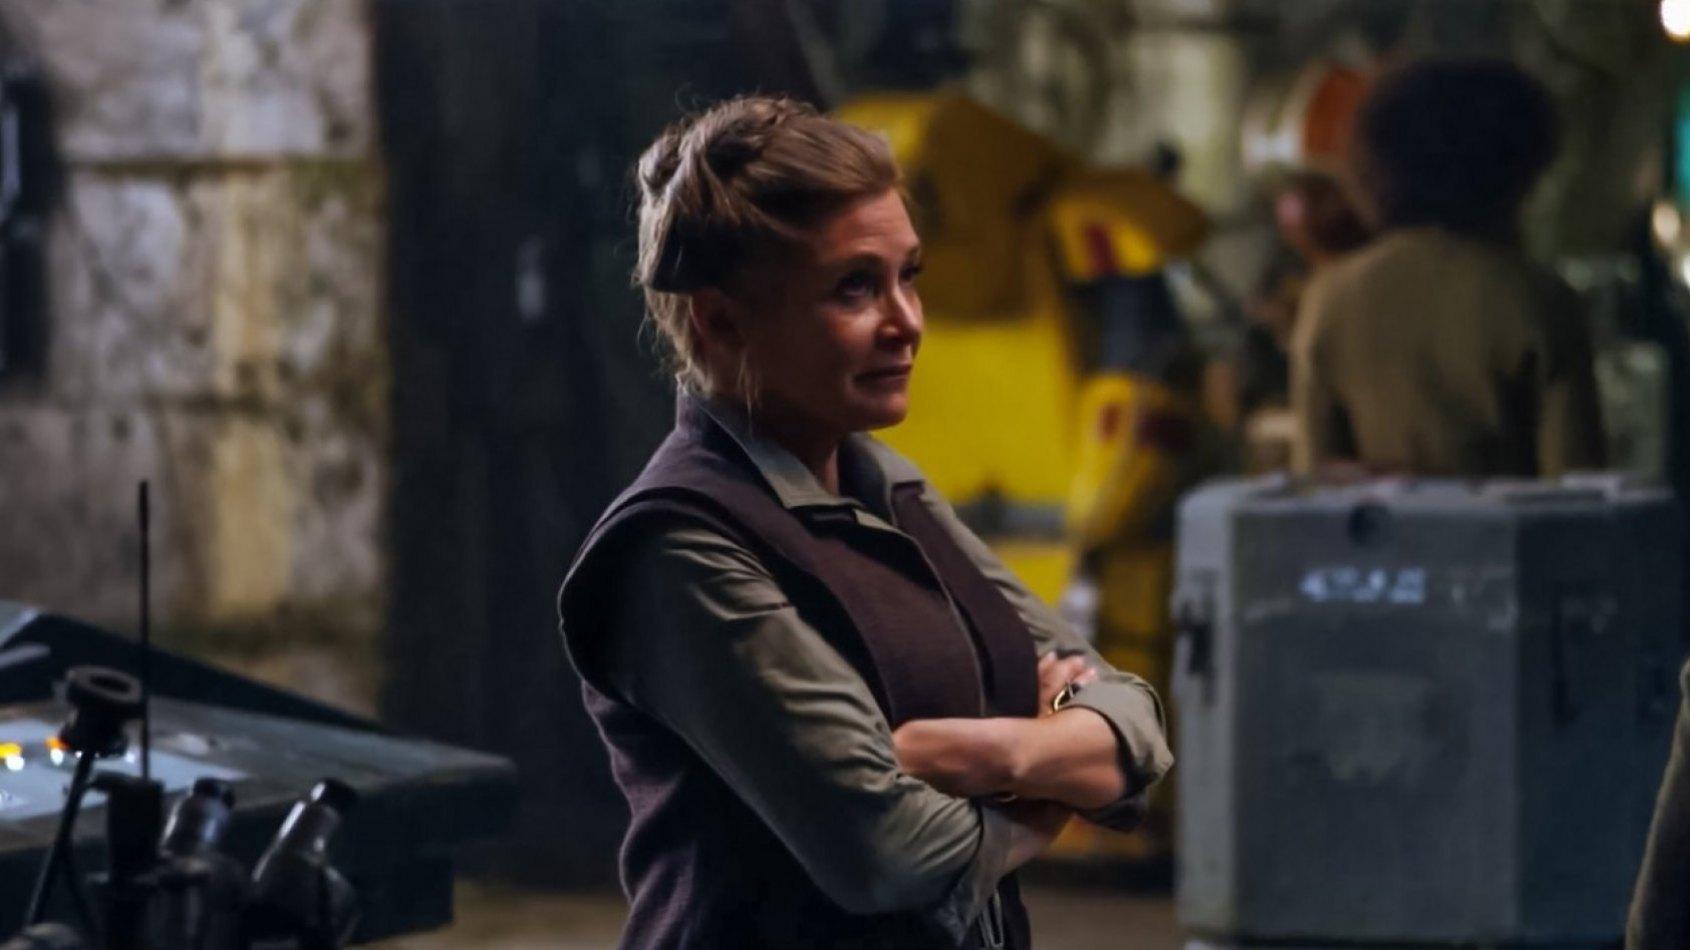 Une rumeur sur Leia et Luke Skywalker dans Star Wars Episode VIII